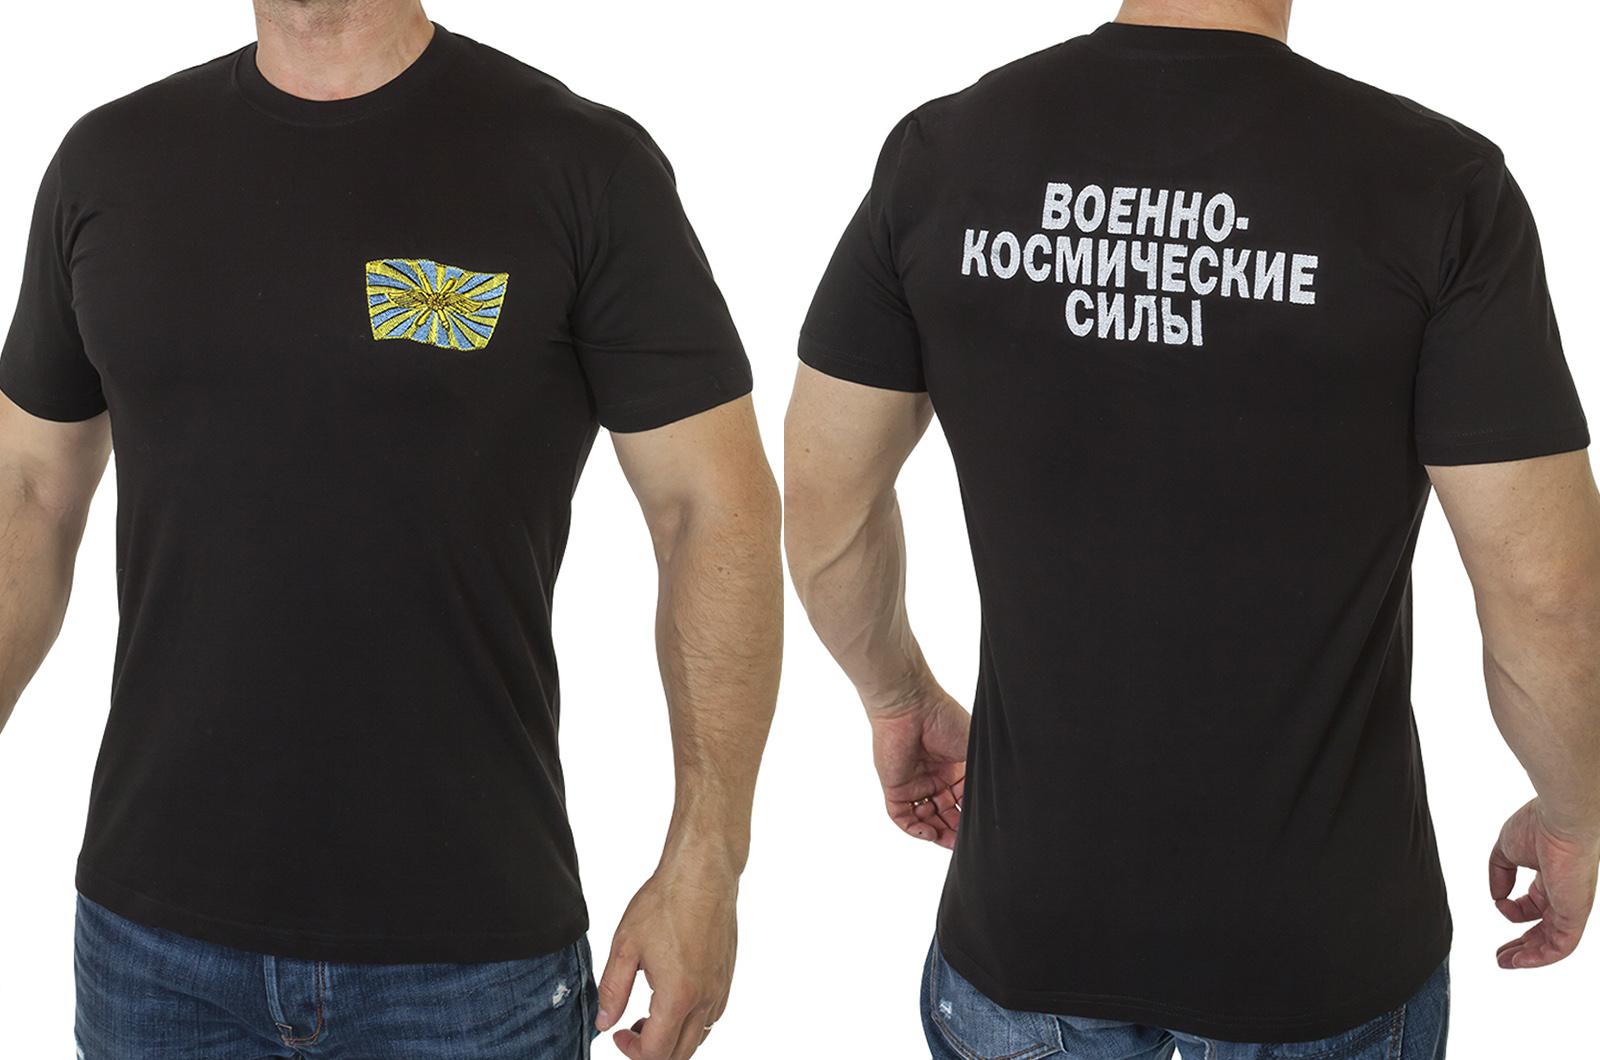 """Заказать футболку с вышивкой """"Военно-космические силы"""""""